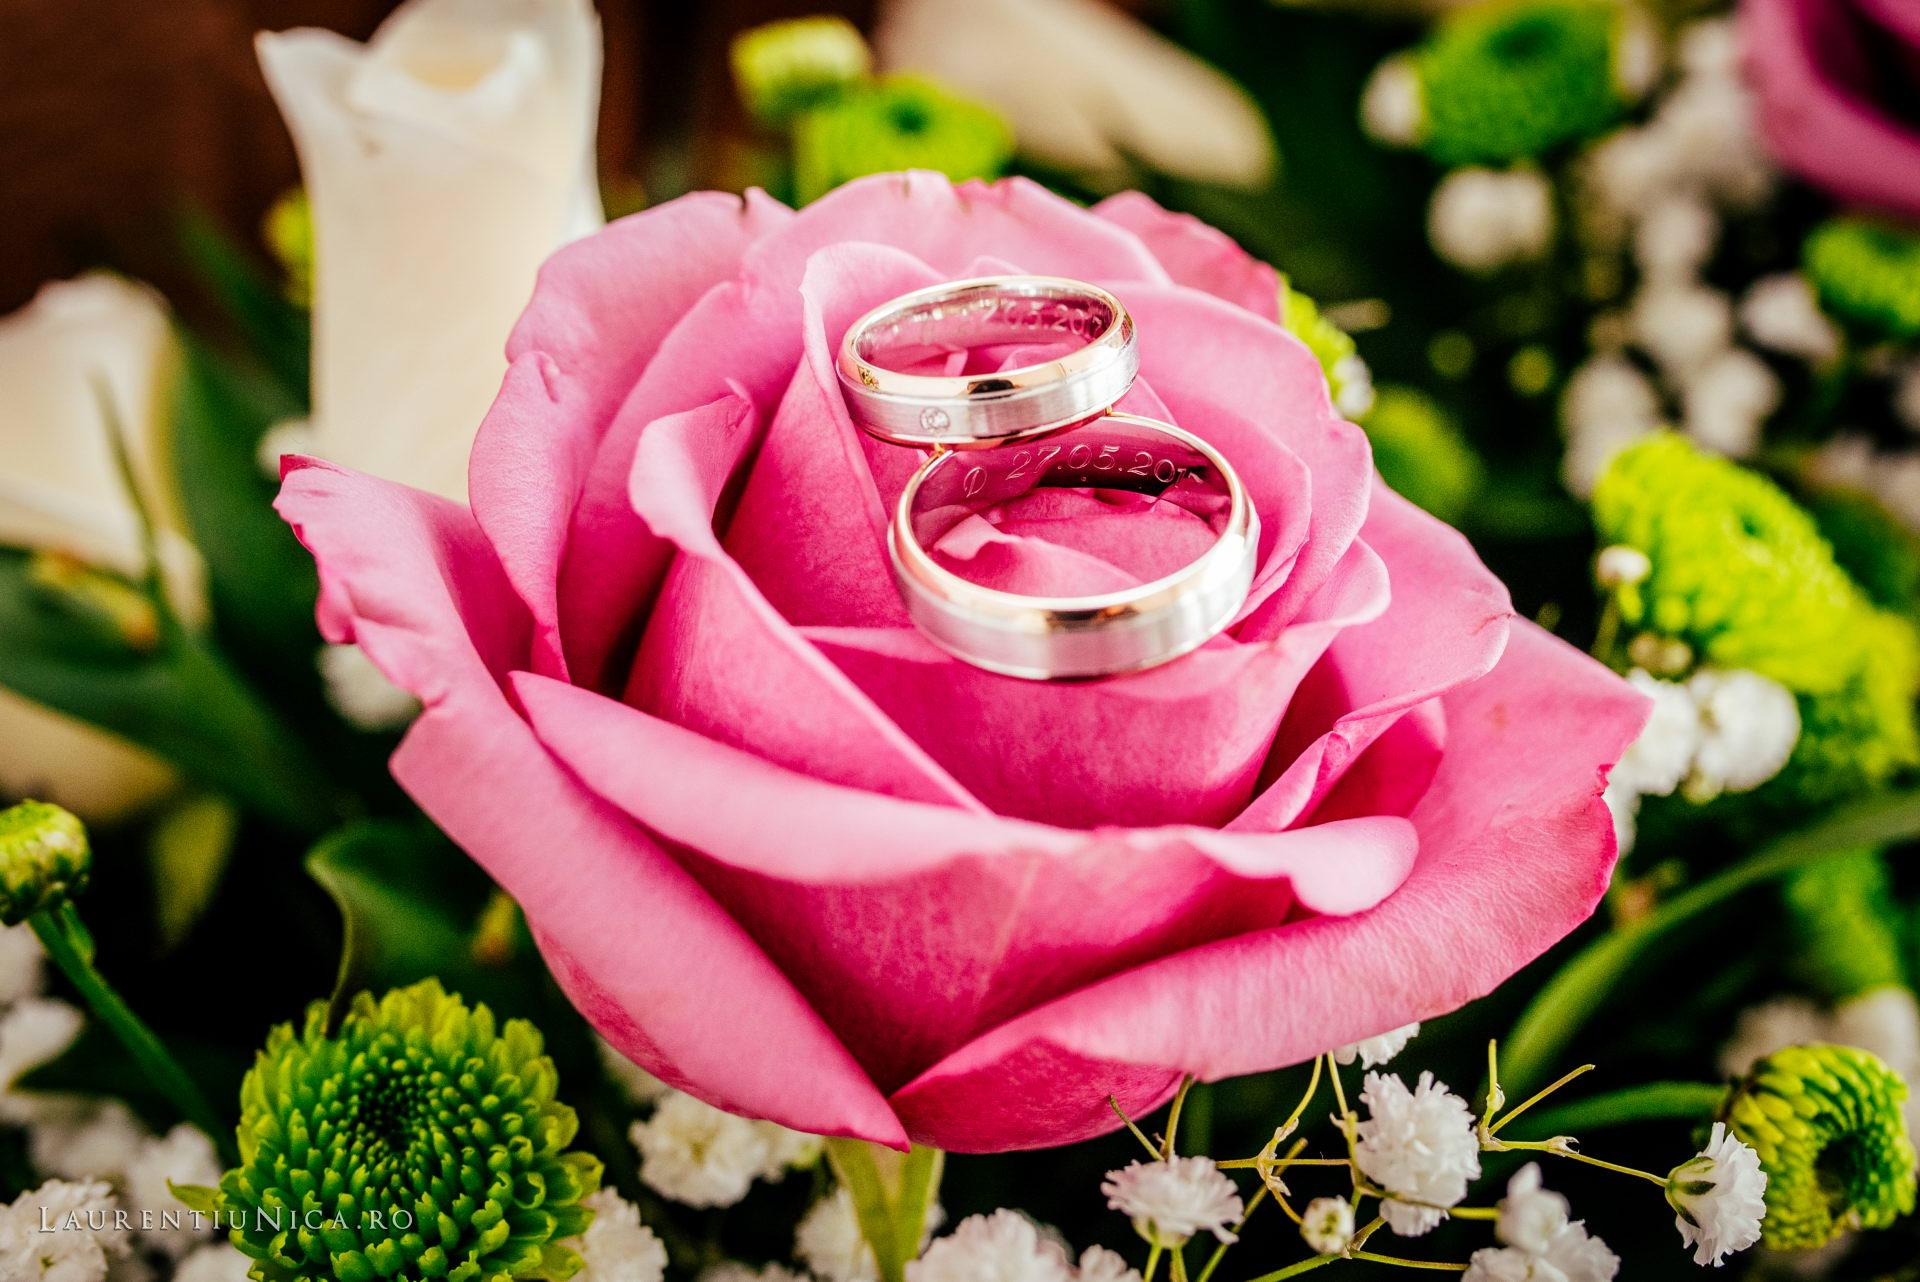 denisa si catalin fotograf nunta laurentiu nica craiova 04 - Denisa si Catalin | Fotografii nunta | Craiova